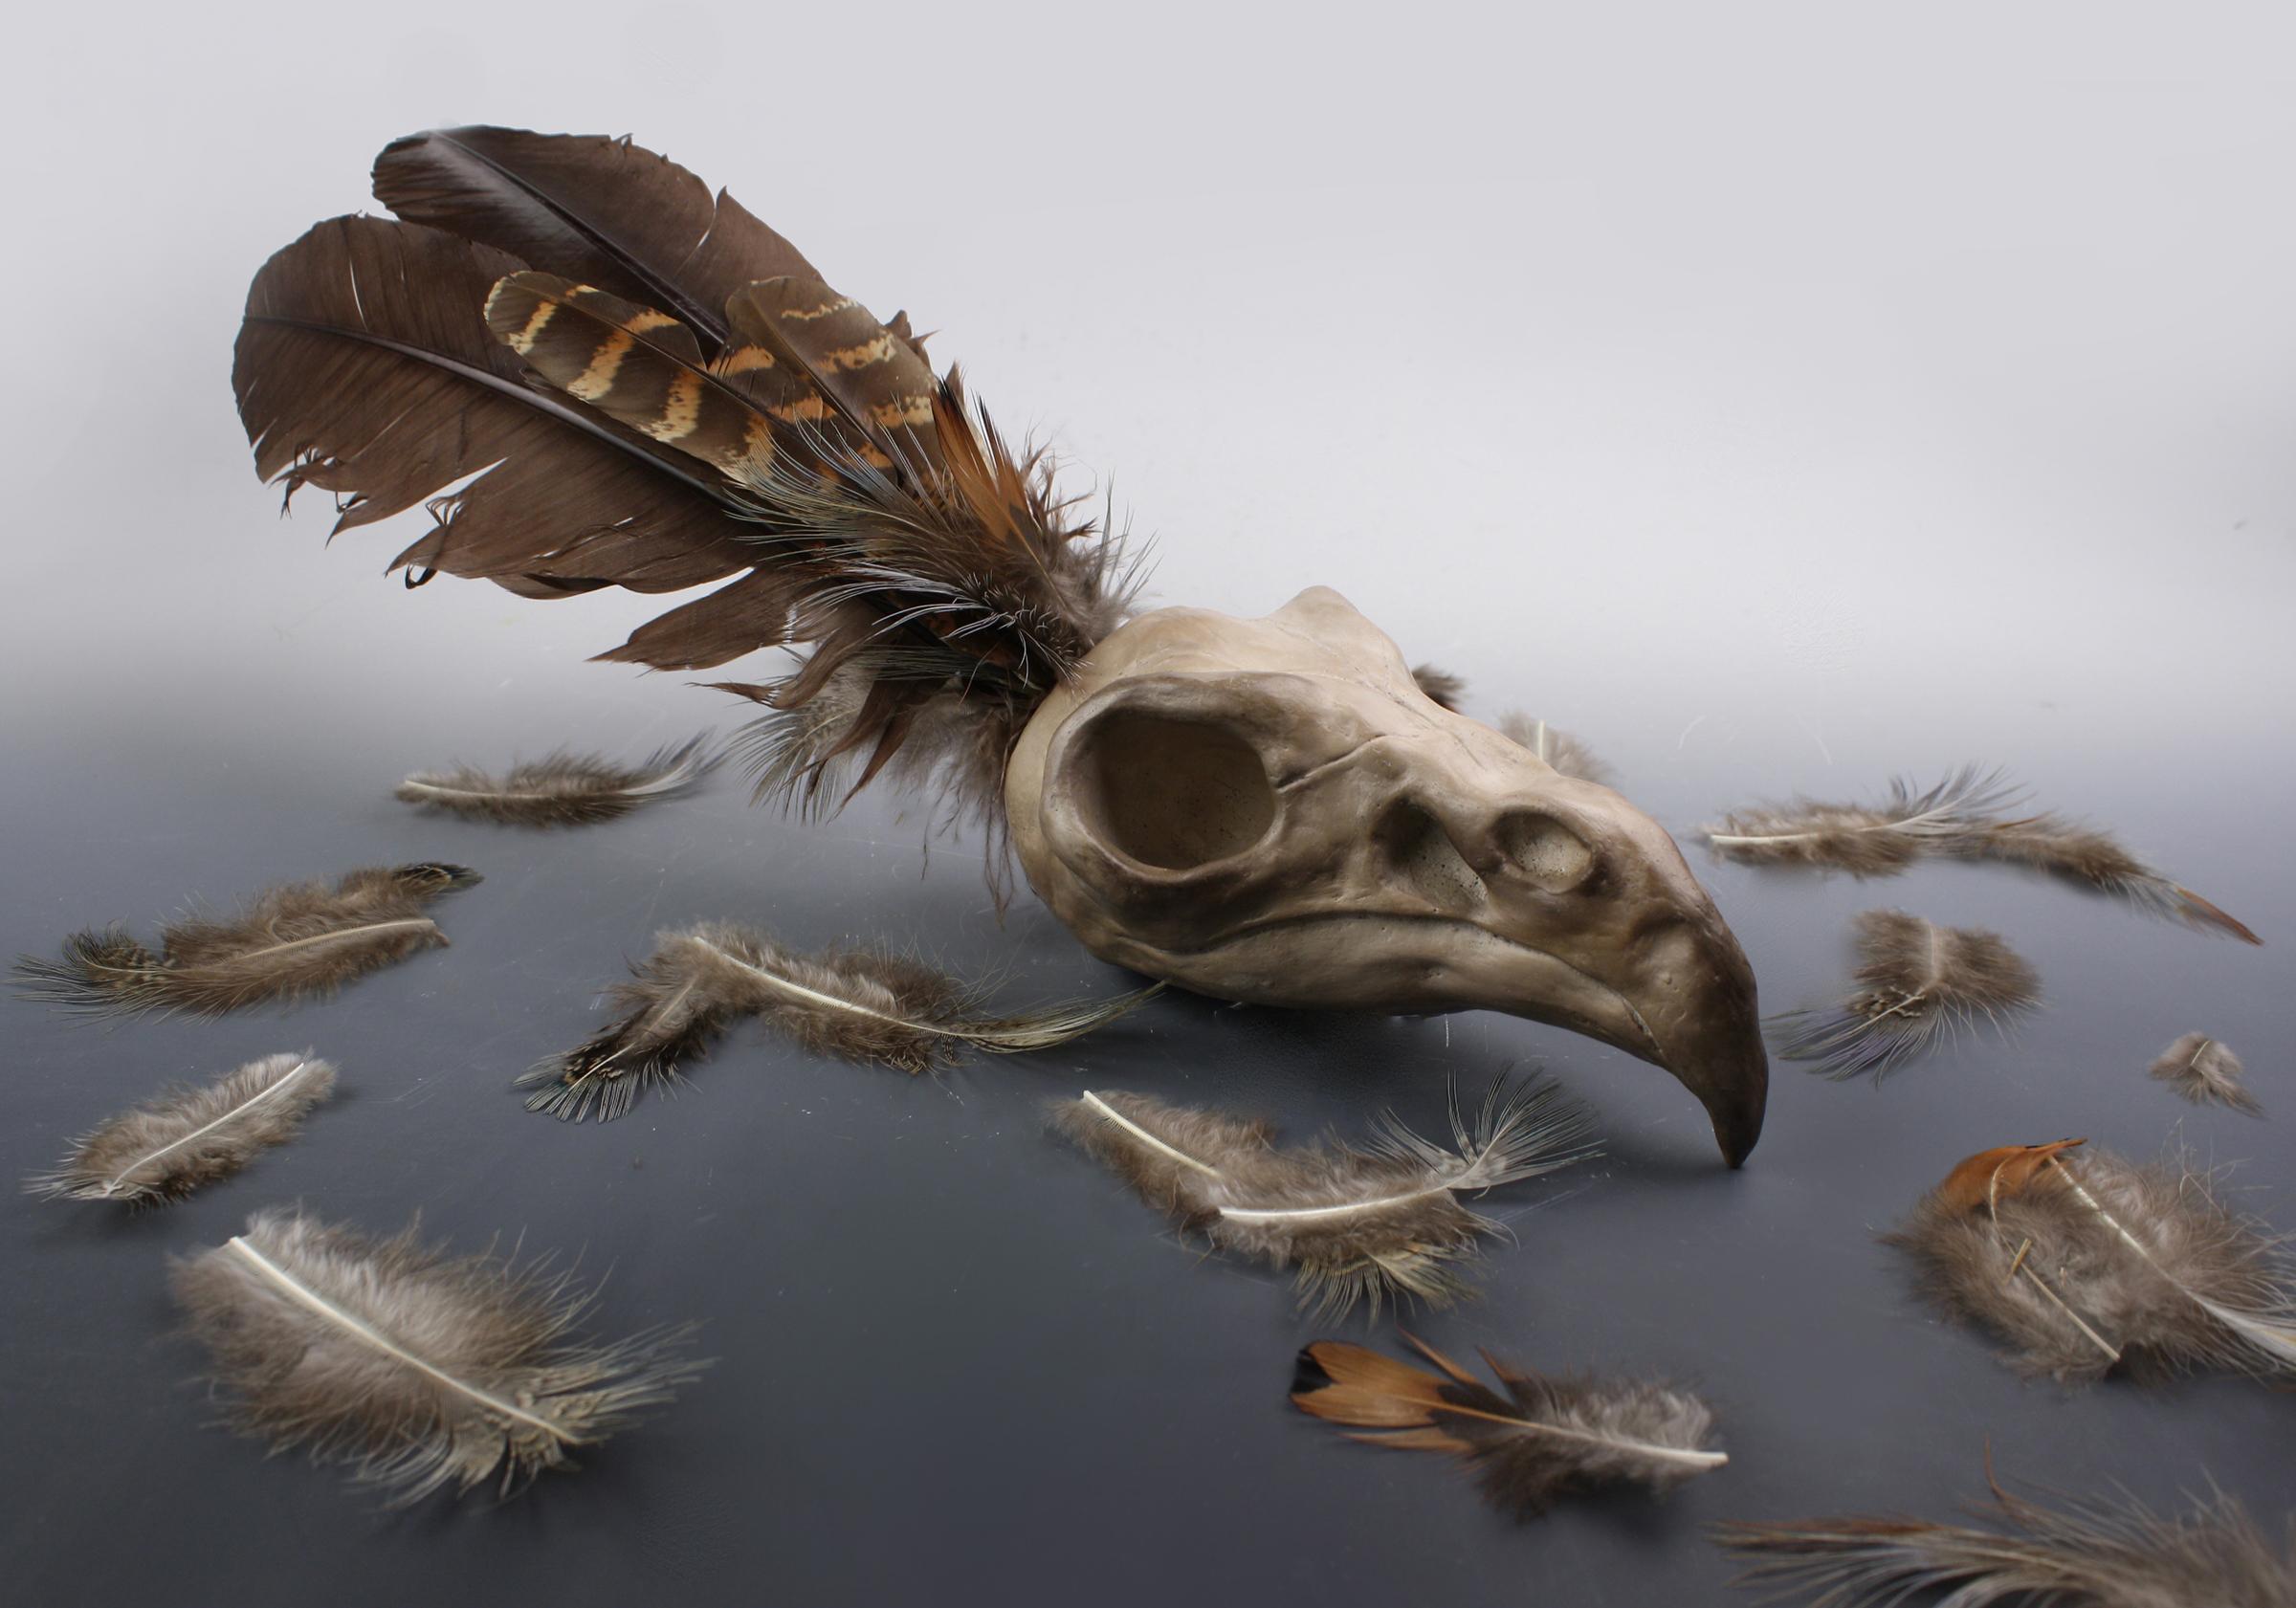 Bird - Kareem Hadid